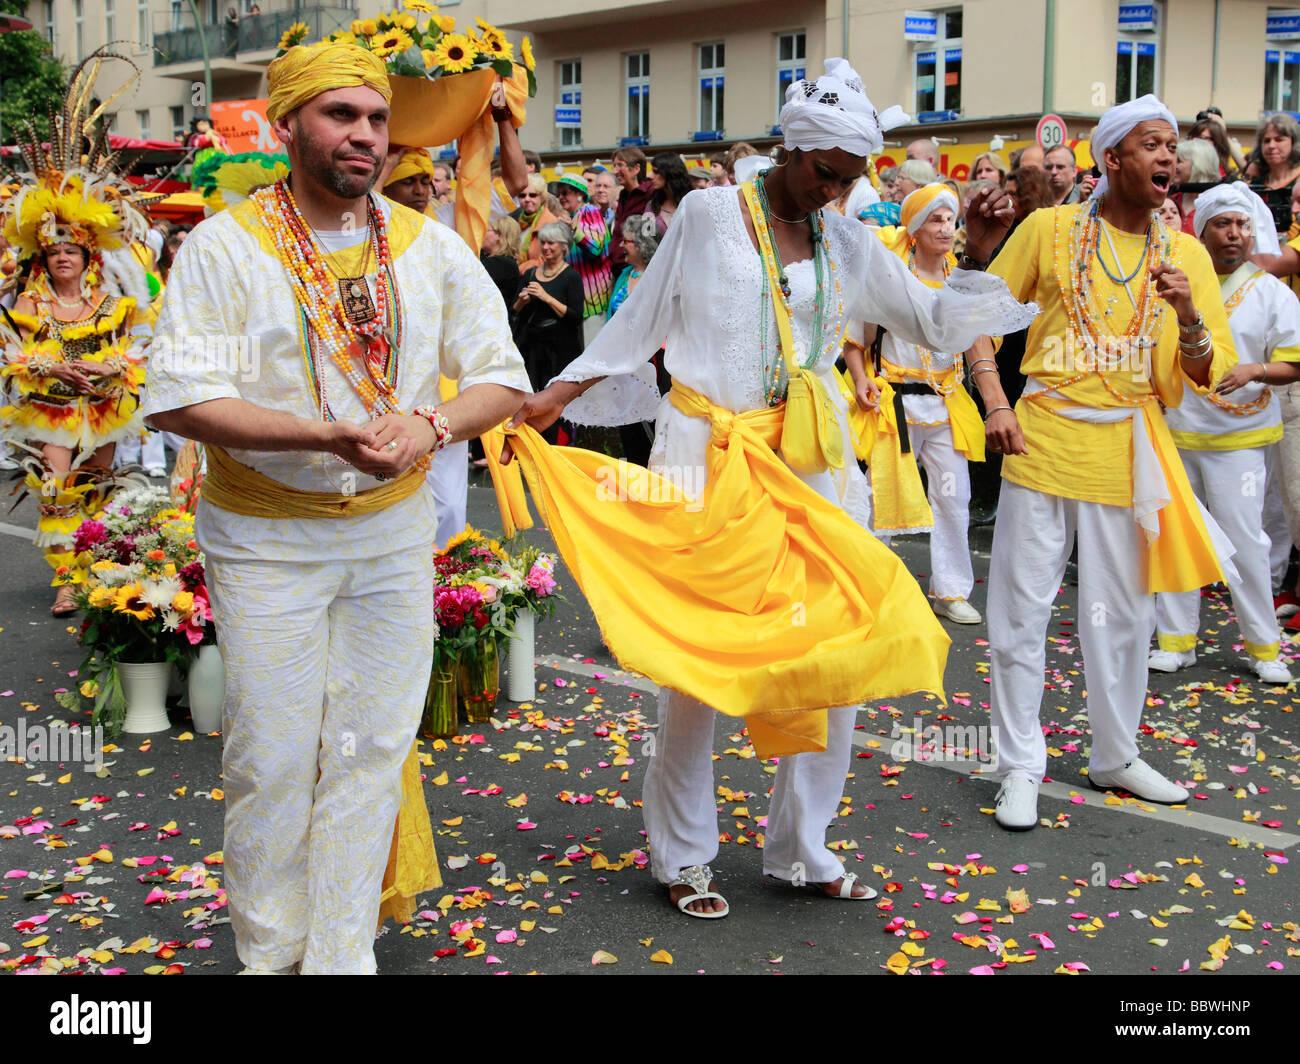 Allemagne Berlin Carnaval des Cultures peuple brésilien Photo Stock